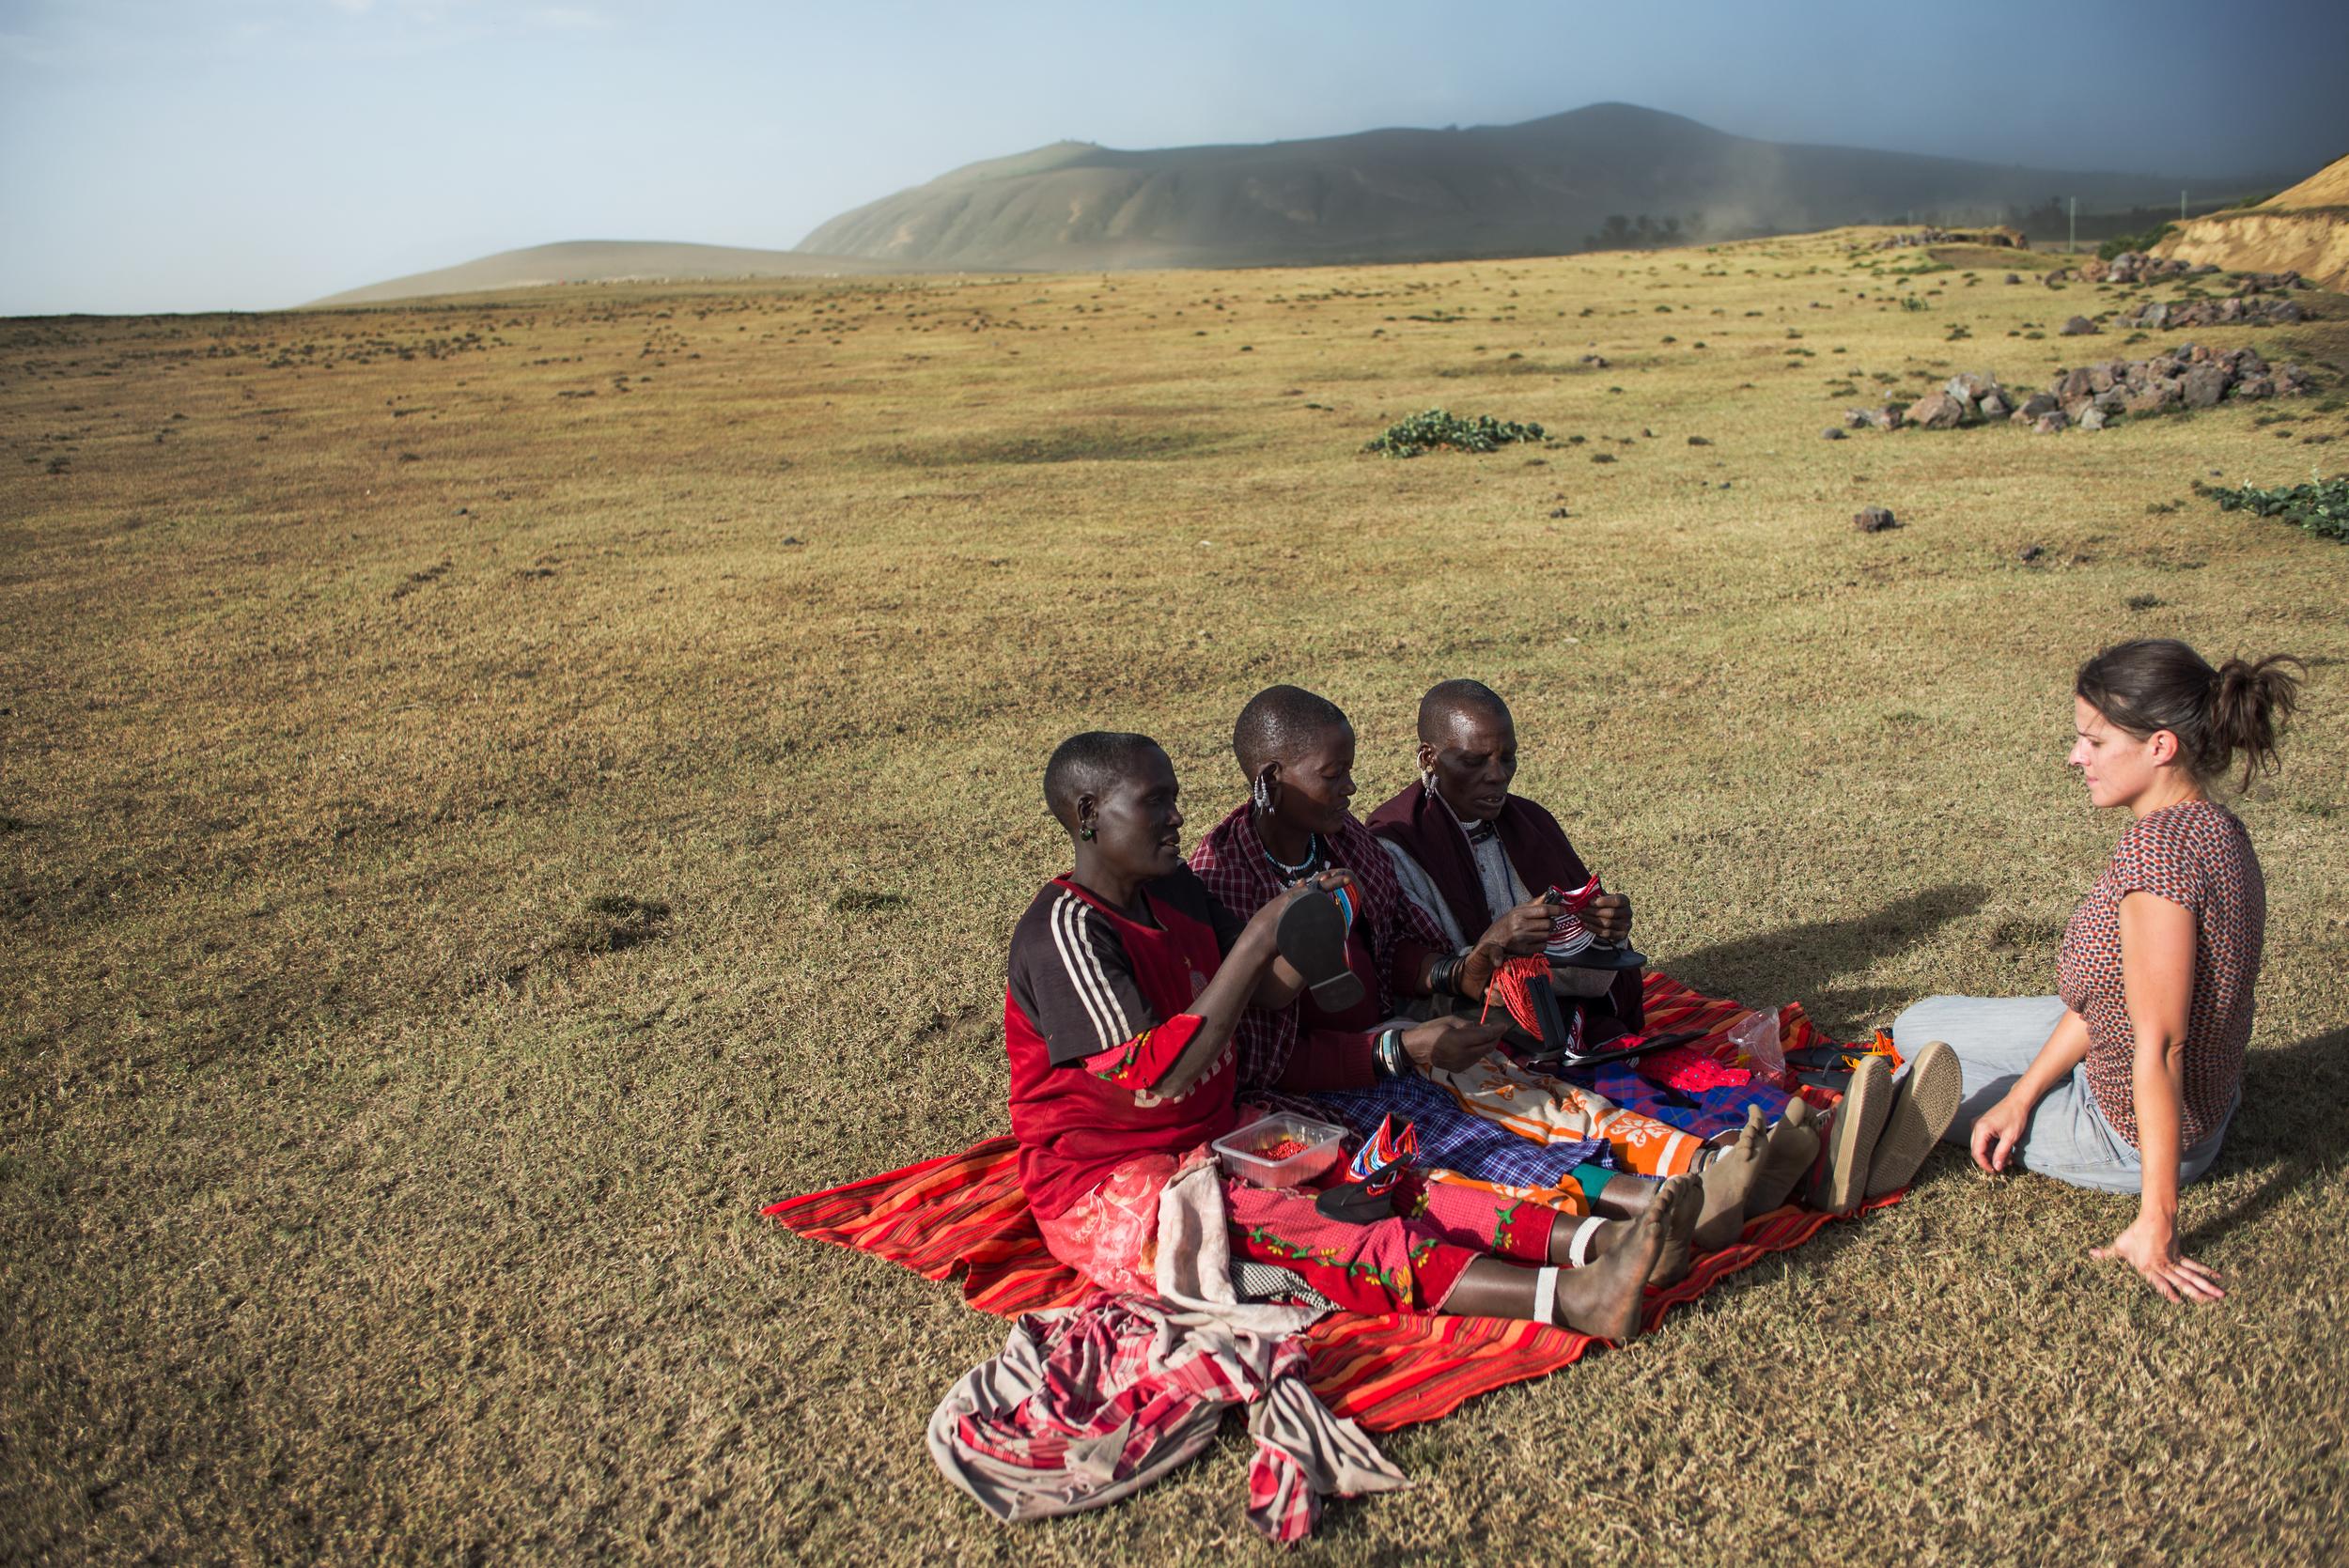 2011 Maasailand - North Tanzania                                                                 image by Anoop Singh